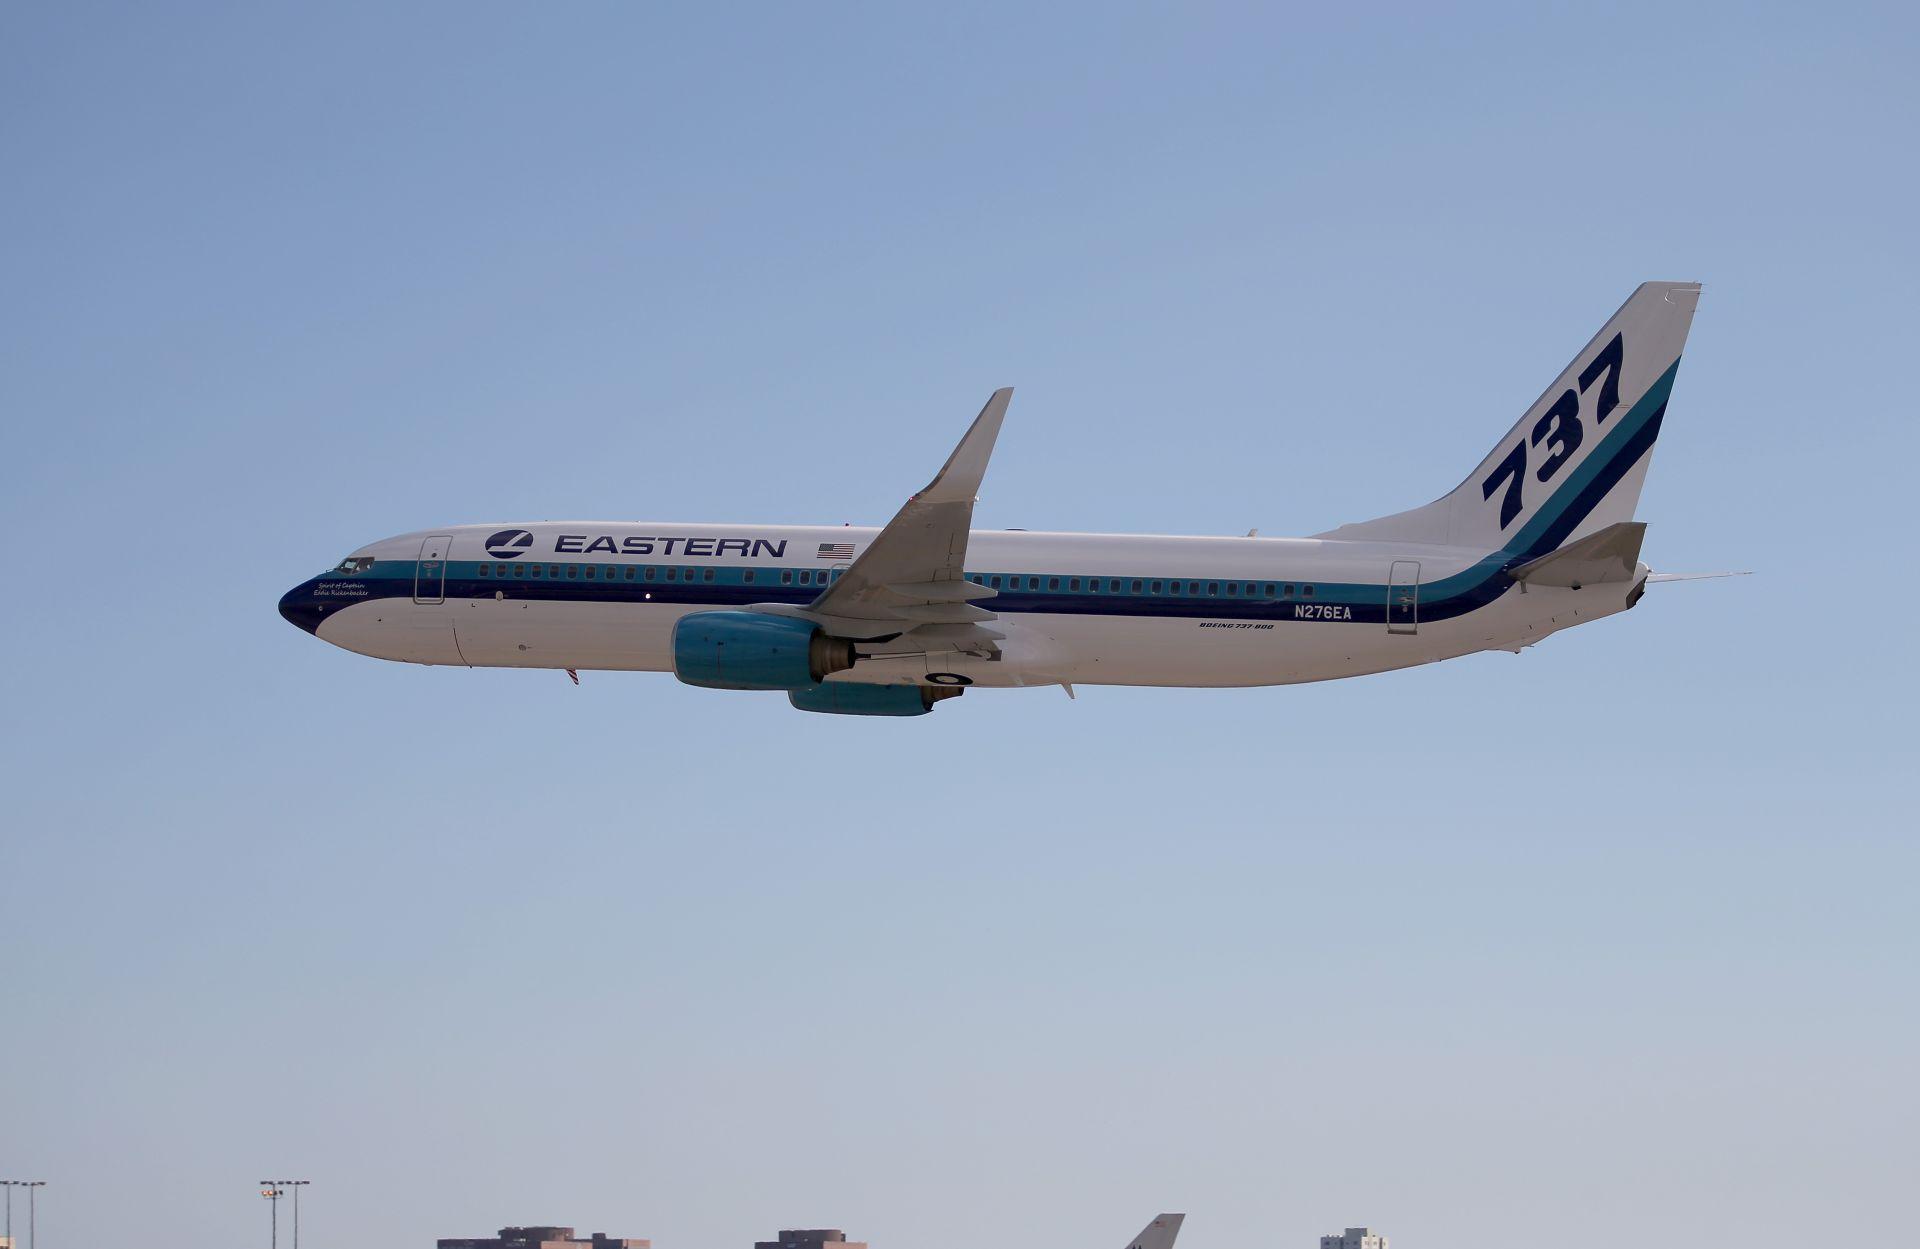 NAJVEĆI SVJETSKI PROIZVOĐAČ ZRAKOPLOVA Boeing za trećinu smanjio neto dobit